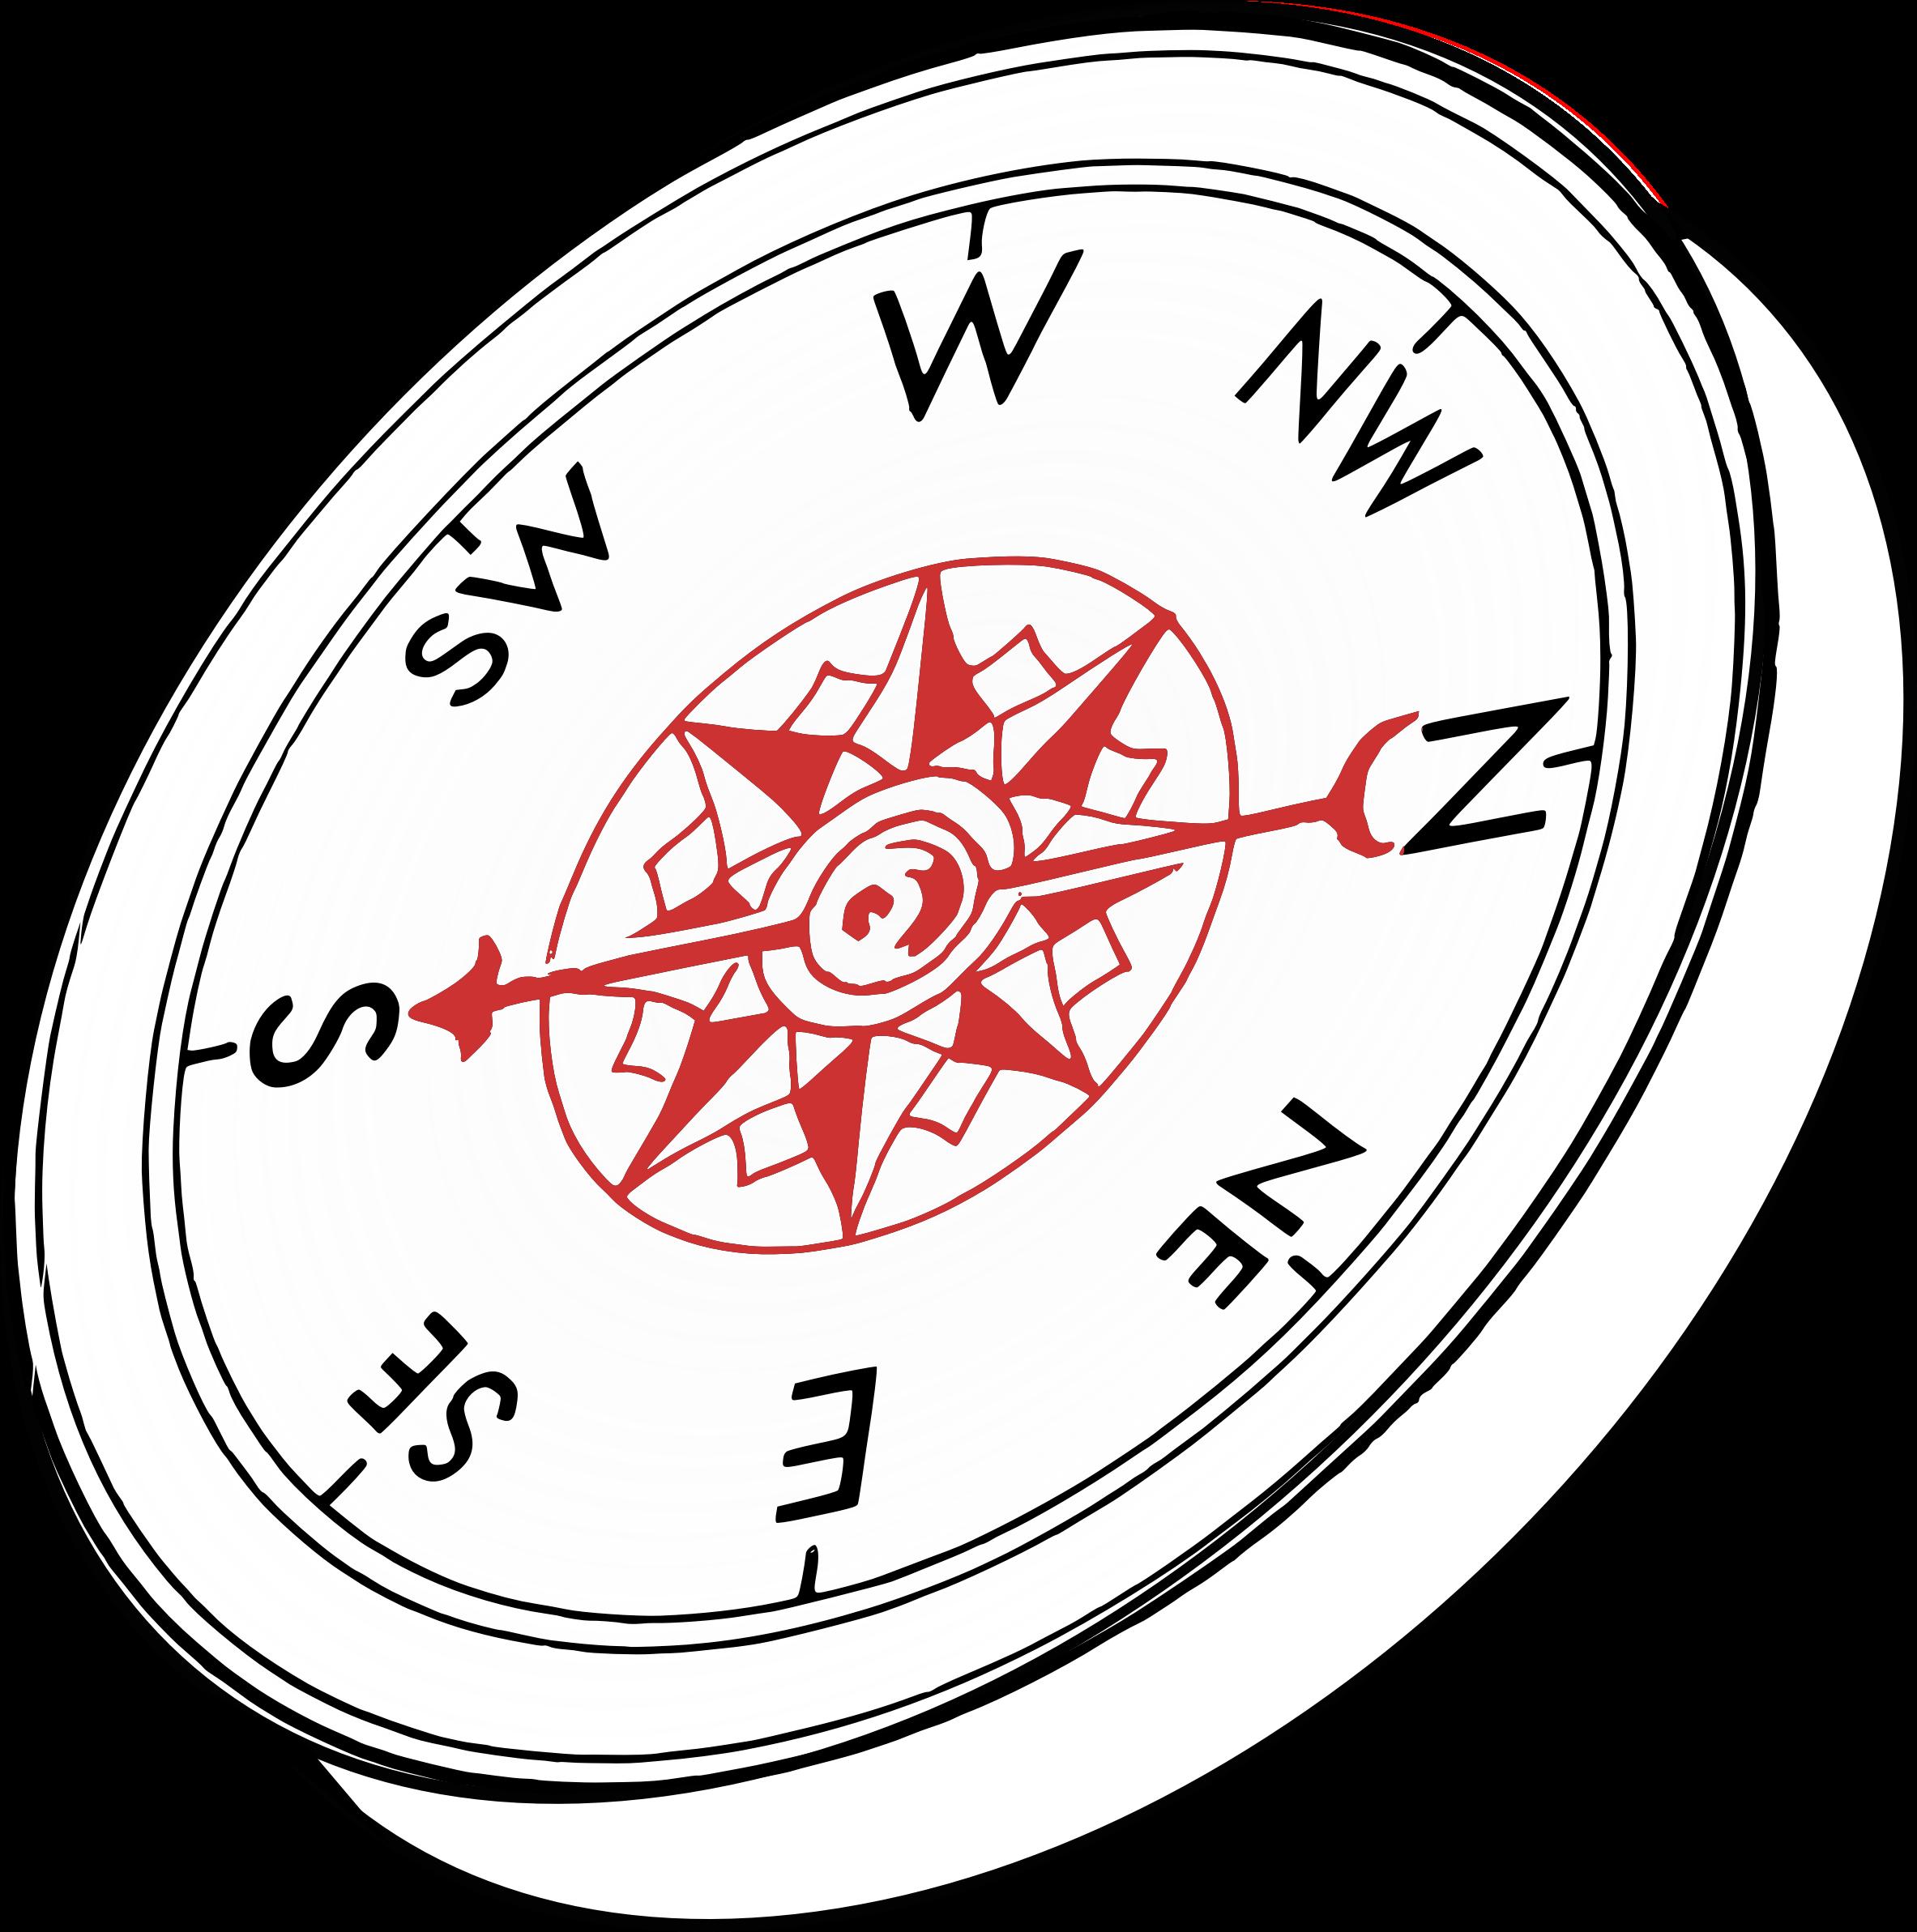 Compass clipart 3d compass, Picture #770633 compass clipart.